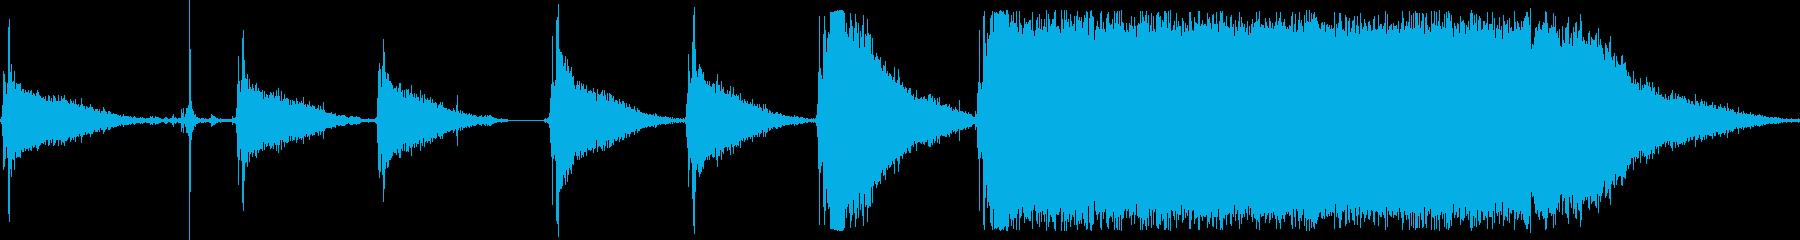 アプライアンスブレンダーのトップオフの再生済みの波形